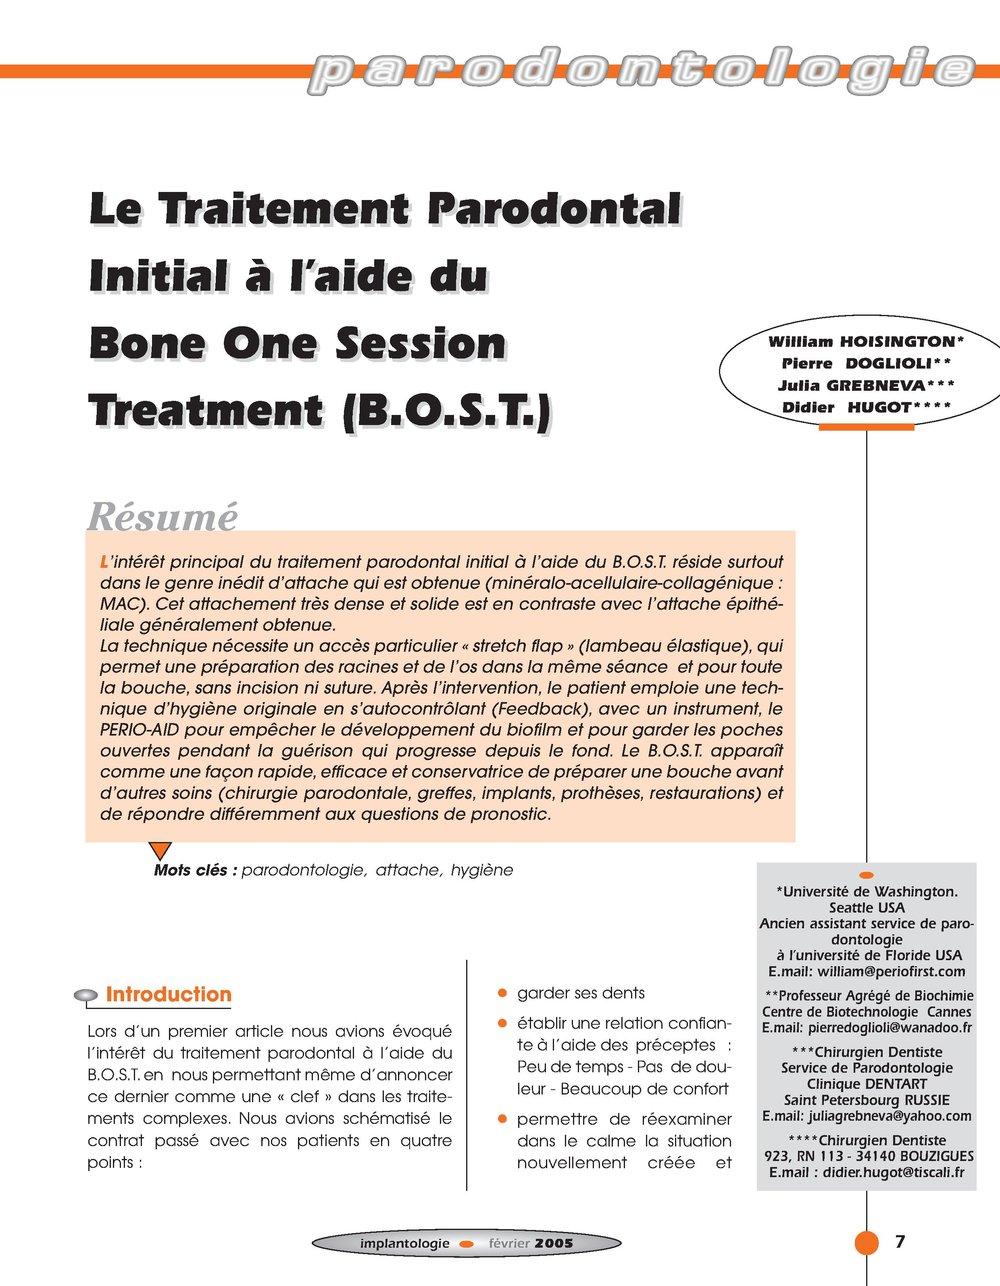 Implantologie BOST Article 14 BLZ.jpg